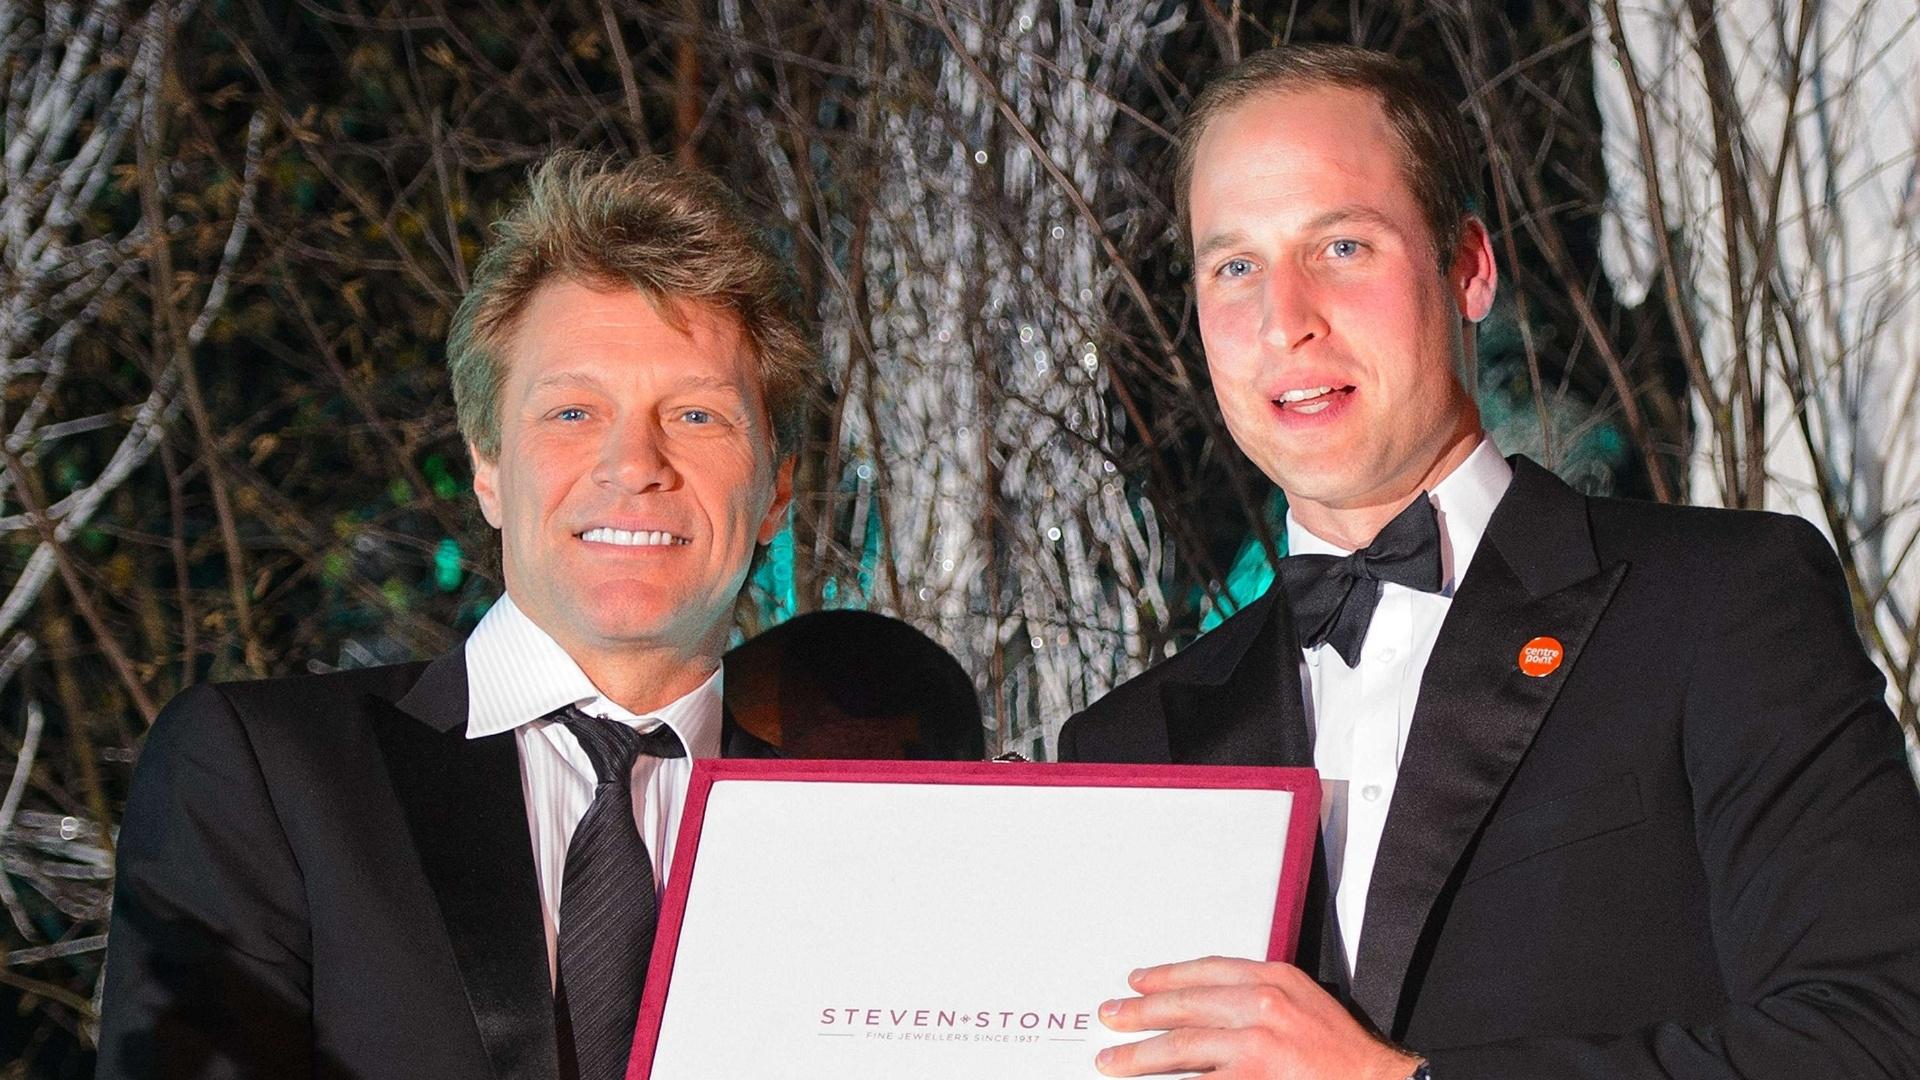 26.nov.2013 - Príncipe William entrega ao cantor Jon Bon Jovi o prêmio Great Britain Youth Inspiration Award durante evento de caridade. O Duque de Cambridge cantou com o artista e com Taylor Swift durante o jantar de gala